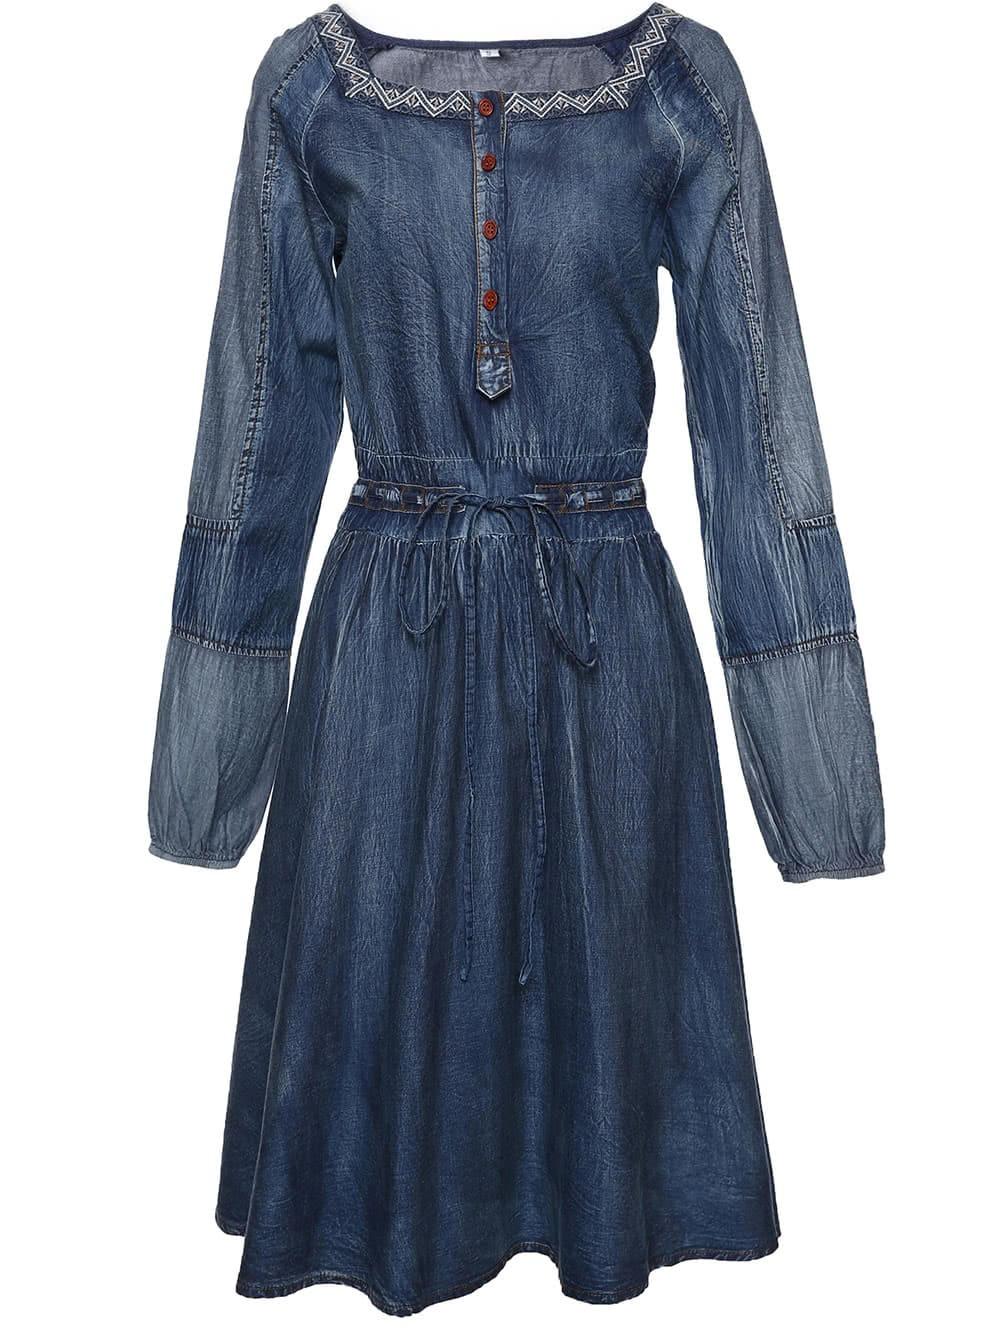 Фото Boat Neck Drawstring Denim Dress. Купить с доставкой